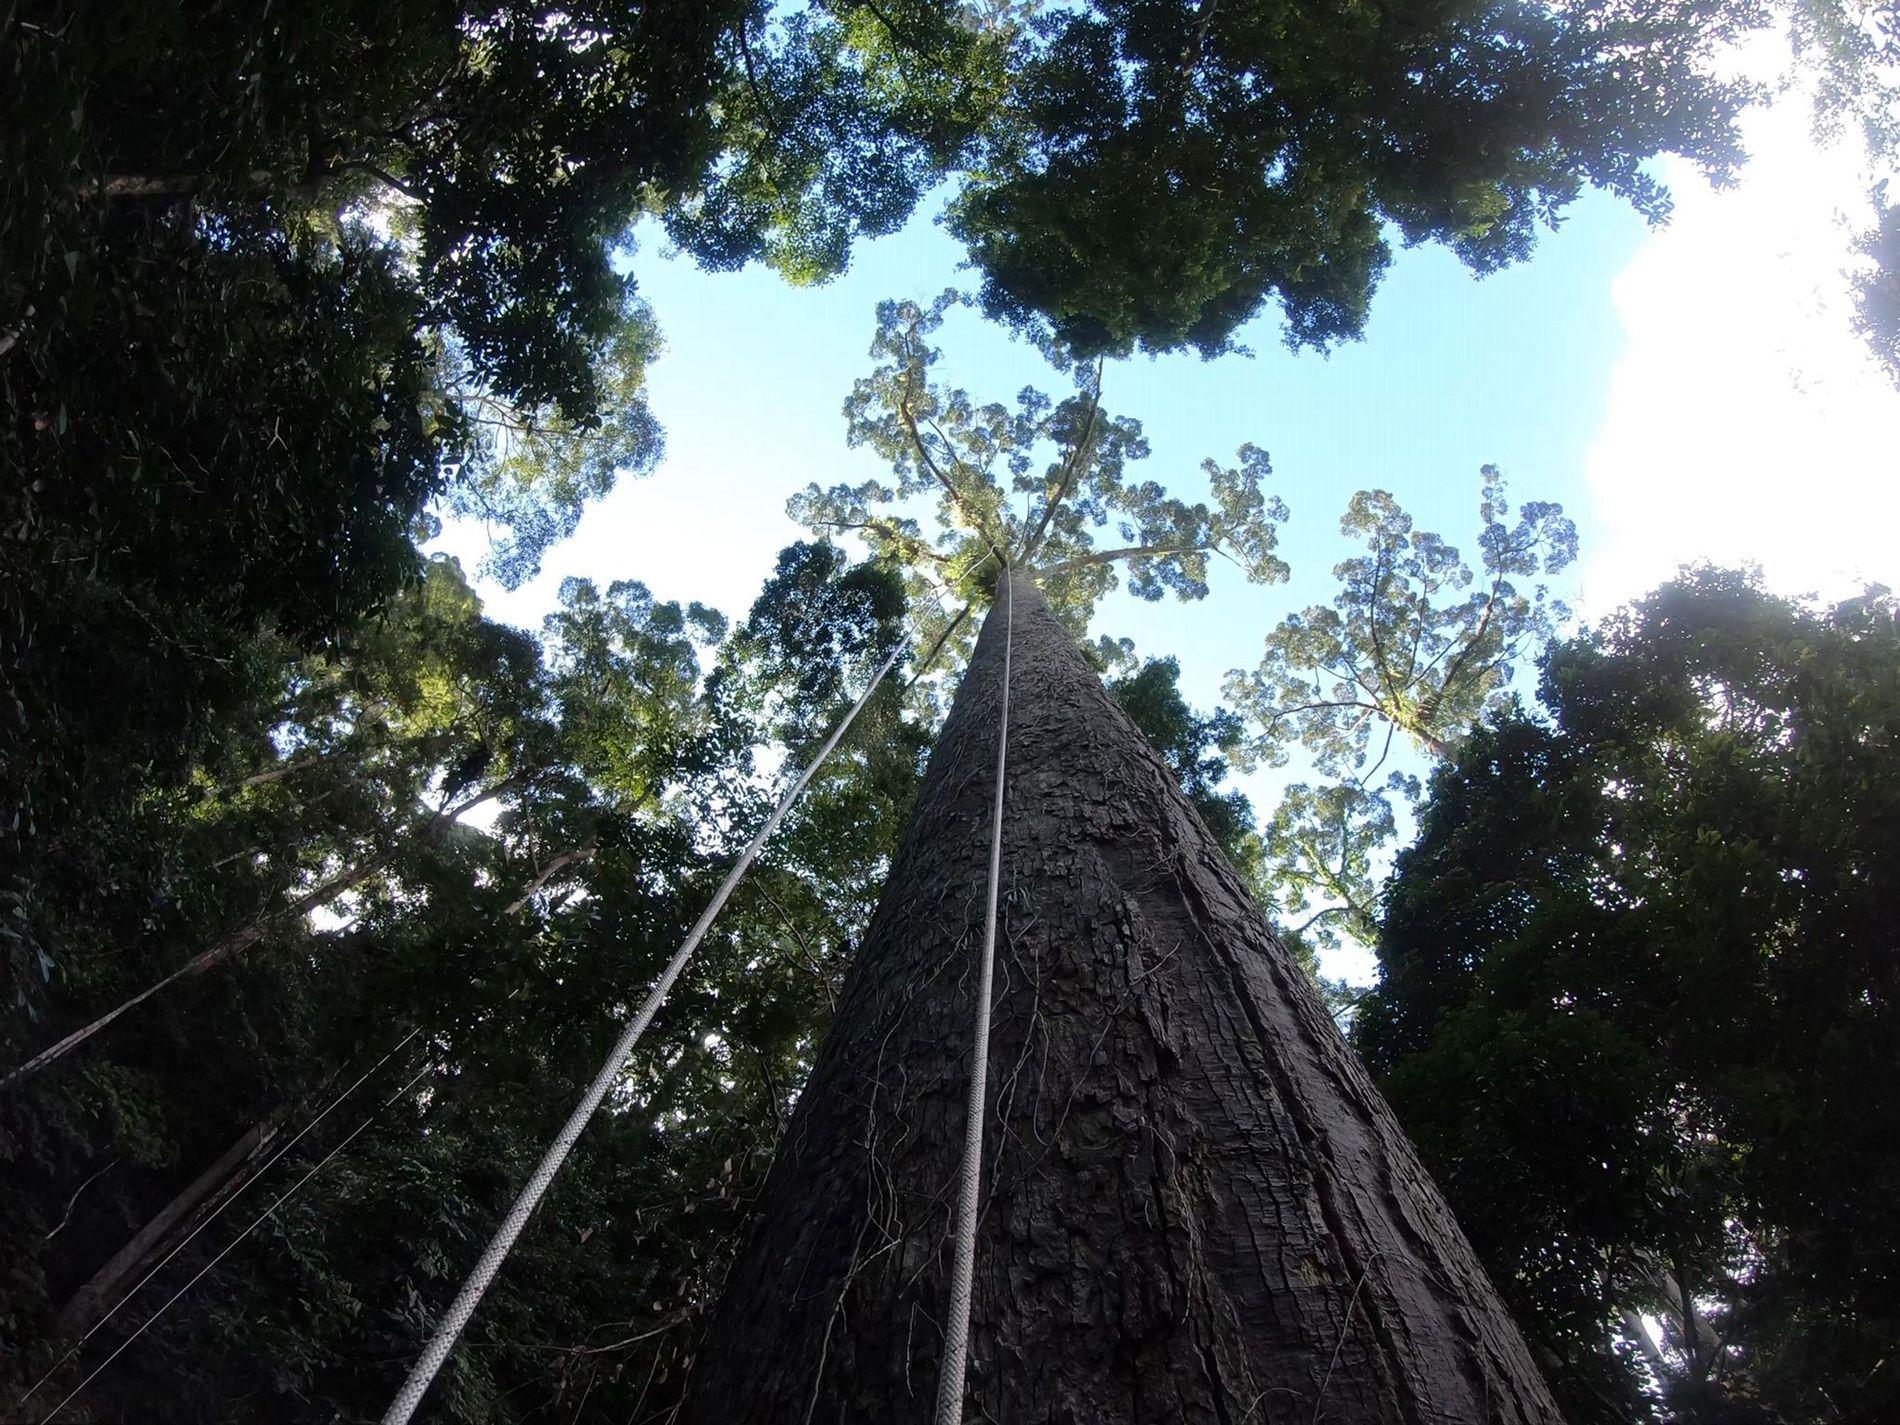 Un equipo de científicos trepa un potencial candidato para el árbol más alto del mundo en ...